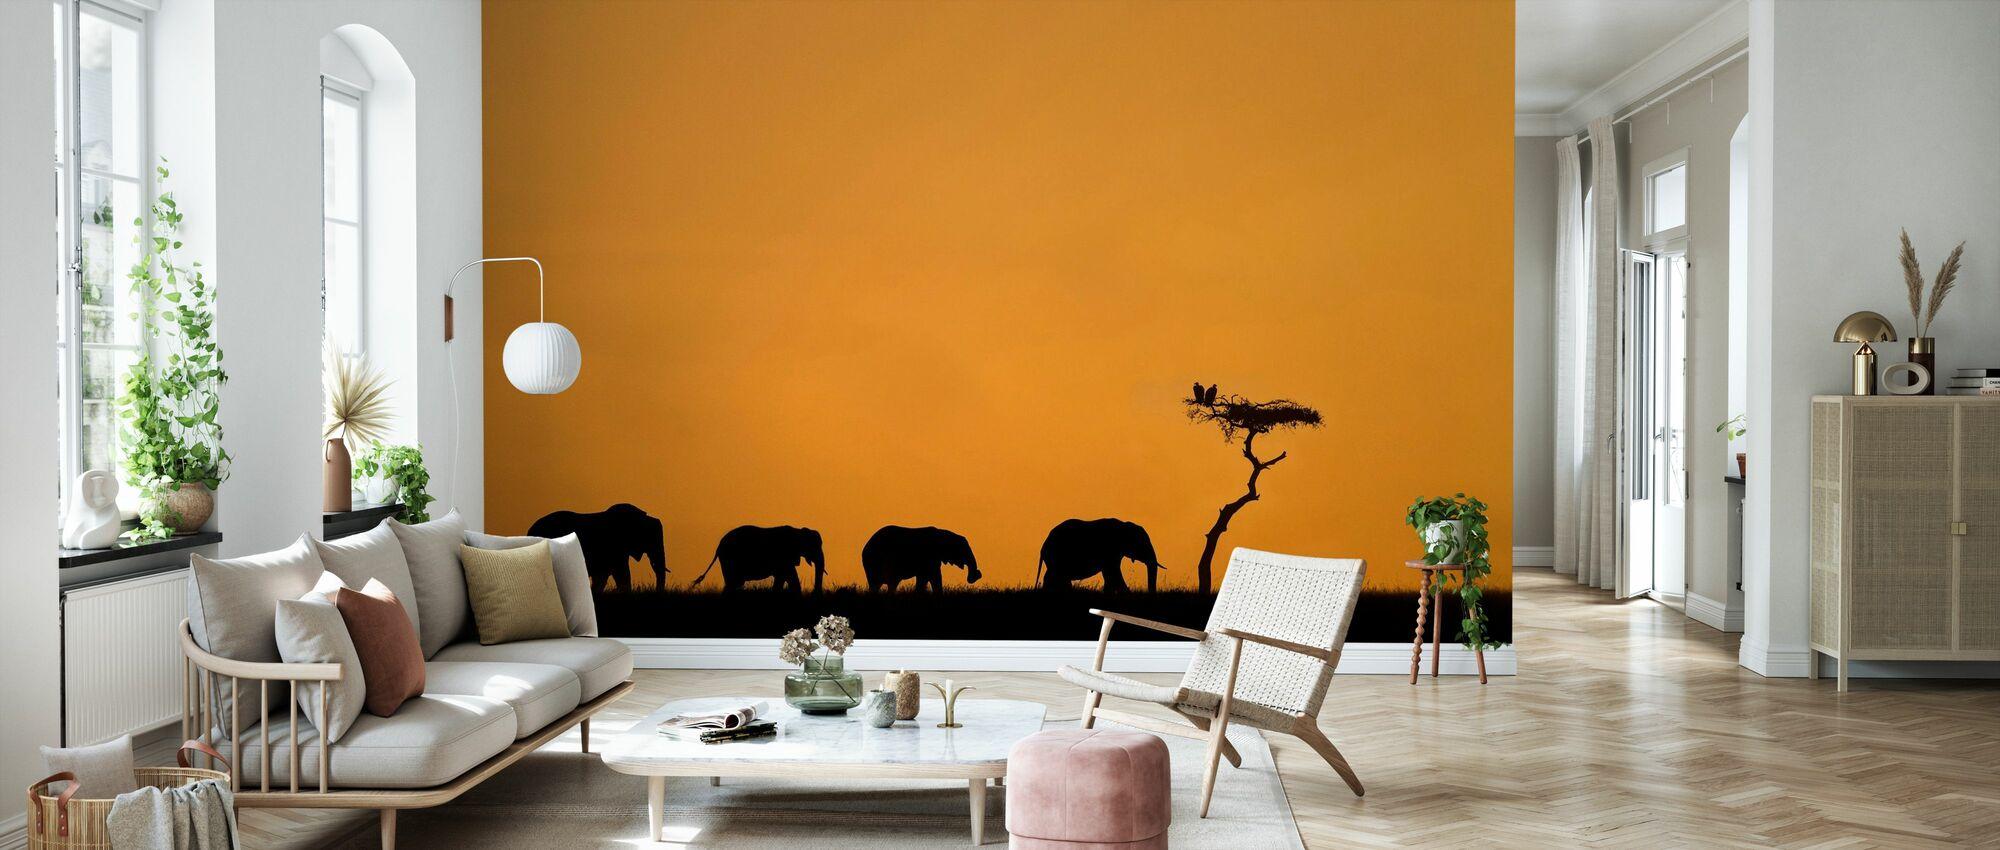 Hjord av elefanter och gamar vid soluppgången - Tapet - Vardagsrum